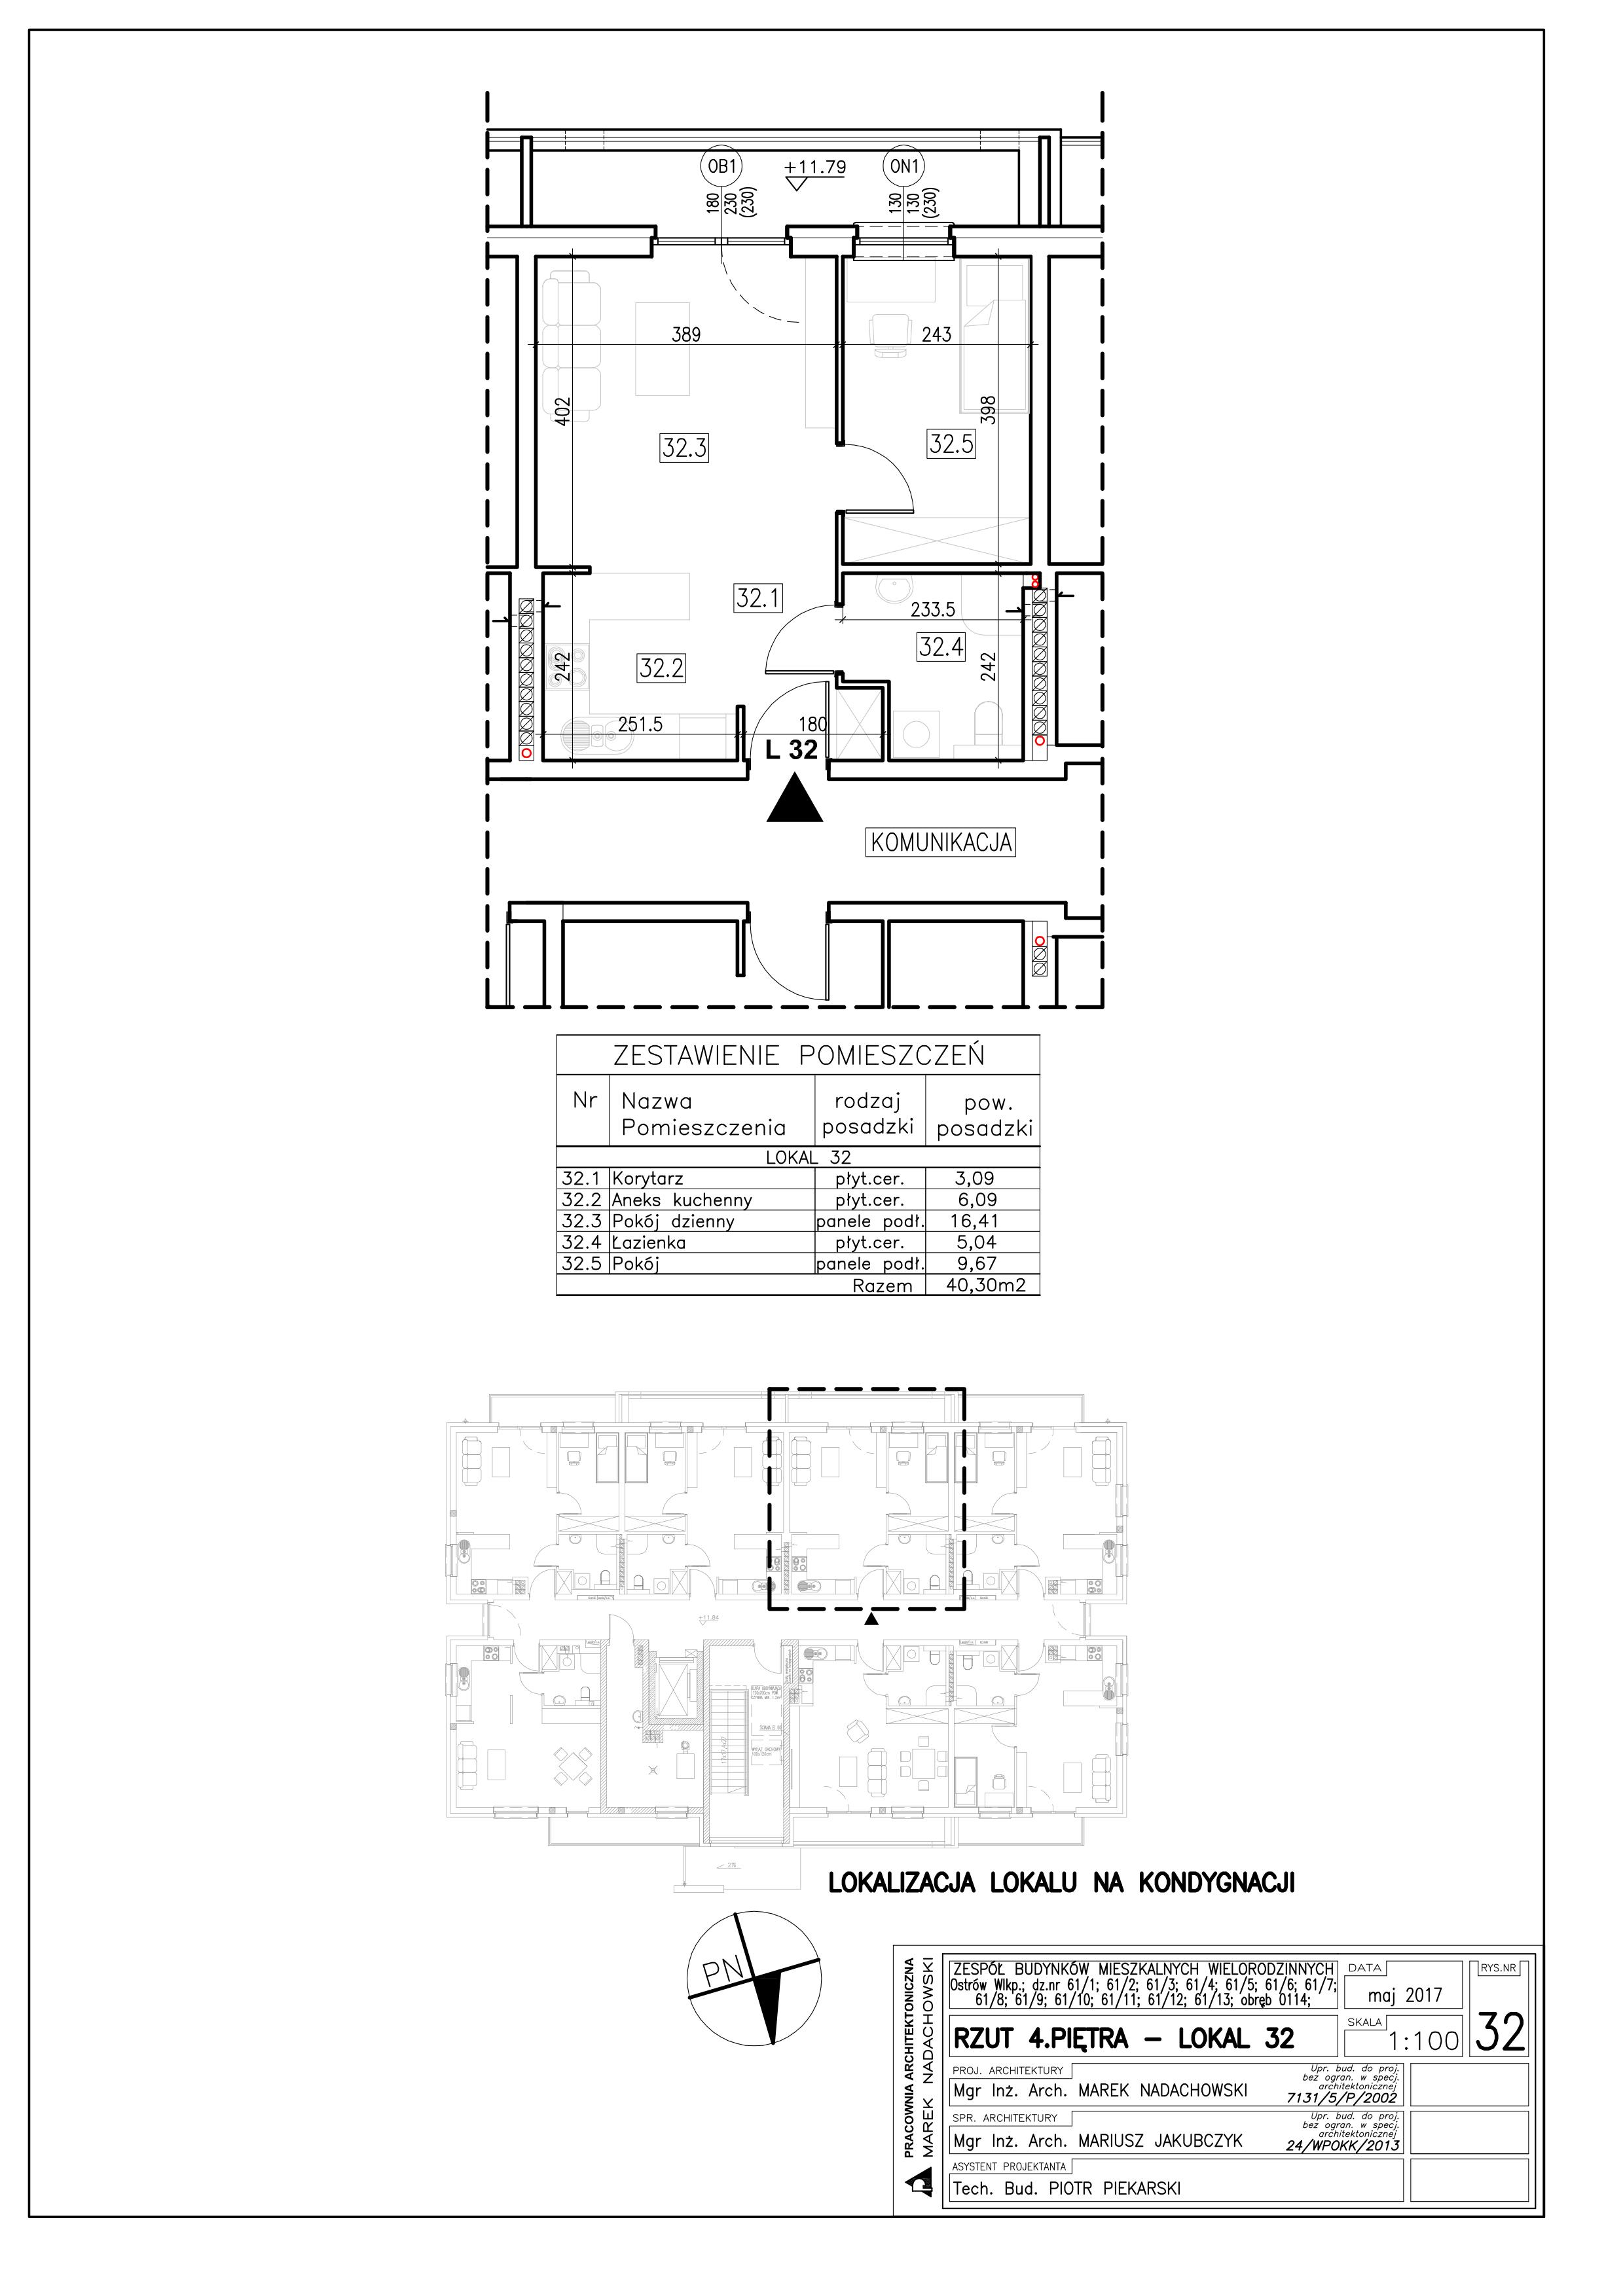 Lokal nr 32 Powierzchnia: 40,30 m2